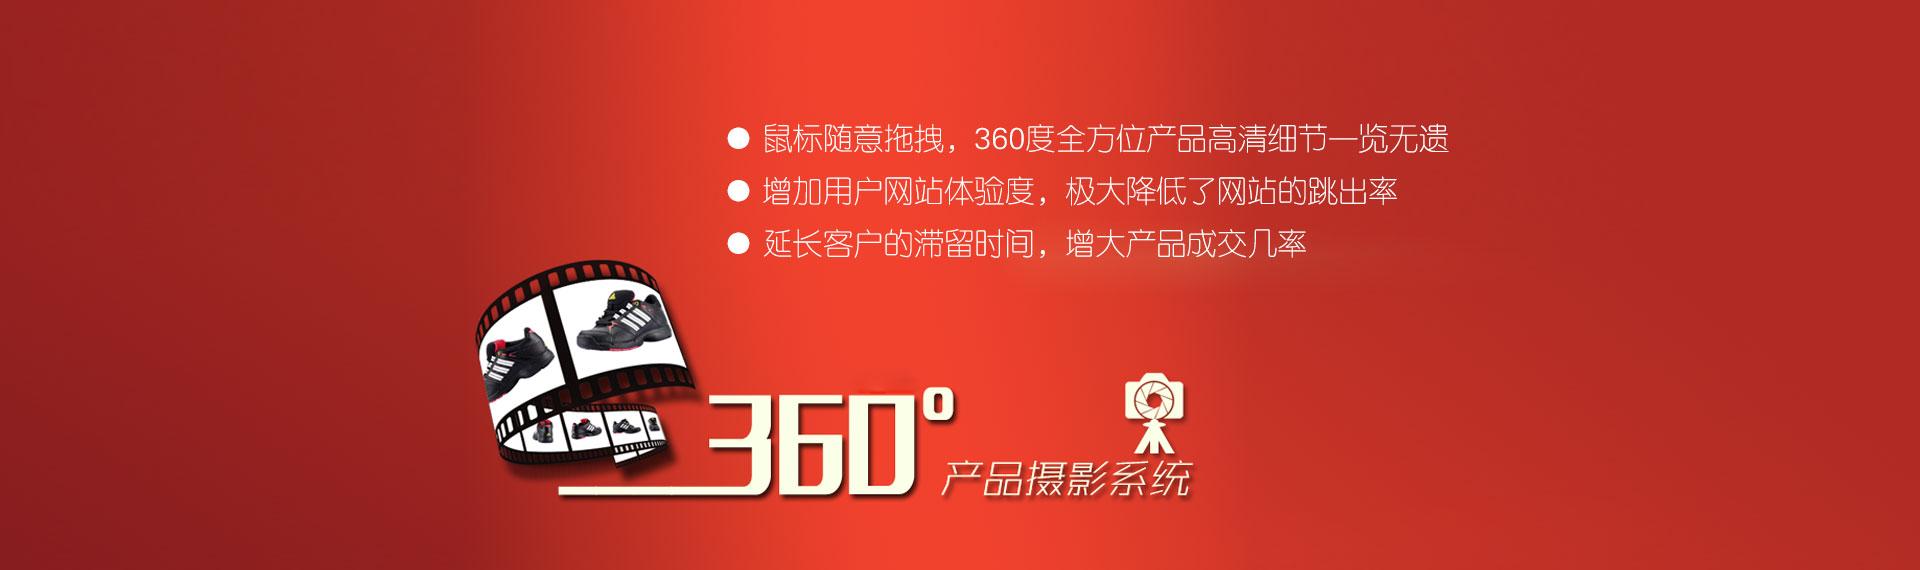 乐虎国际唯一网站360产品全景图制作